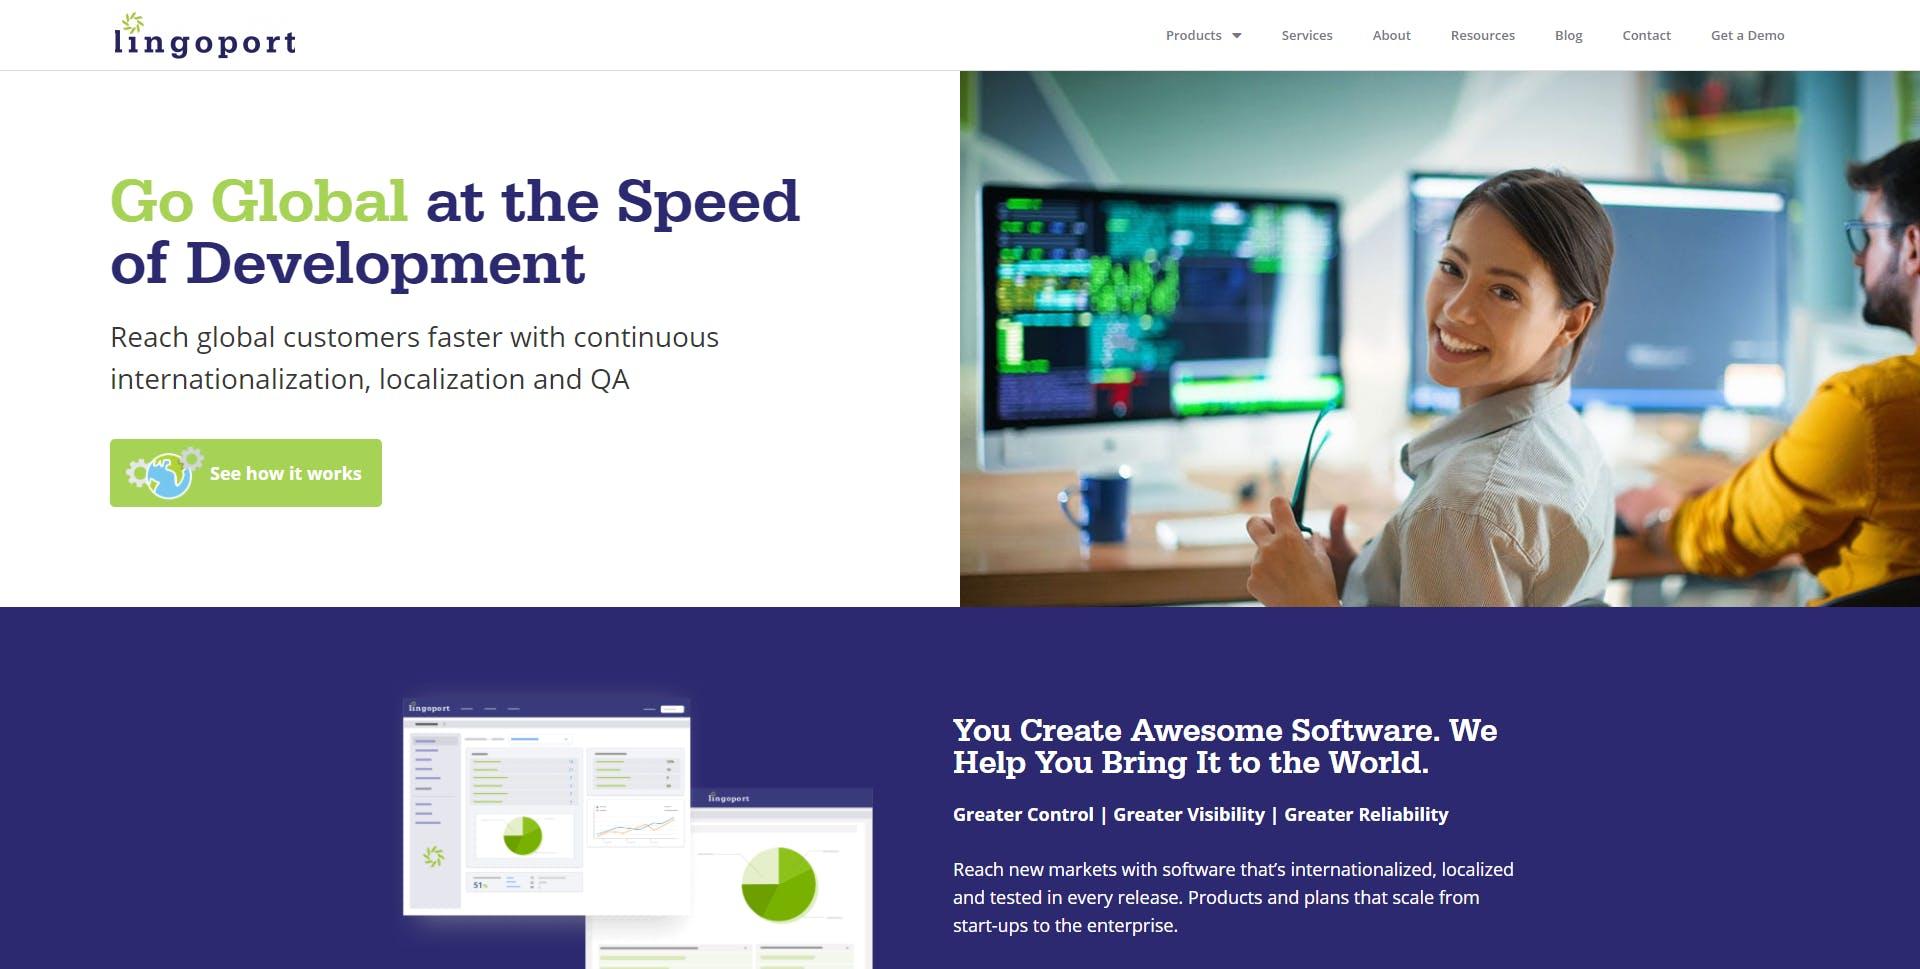 Lingoport.com Homepage